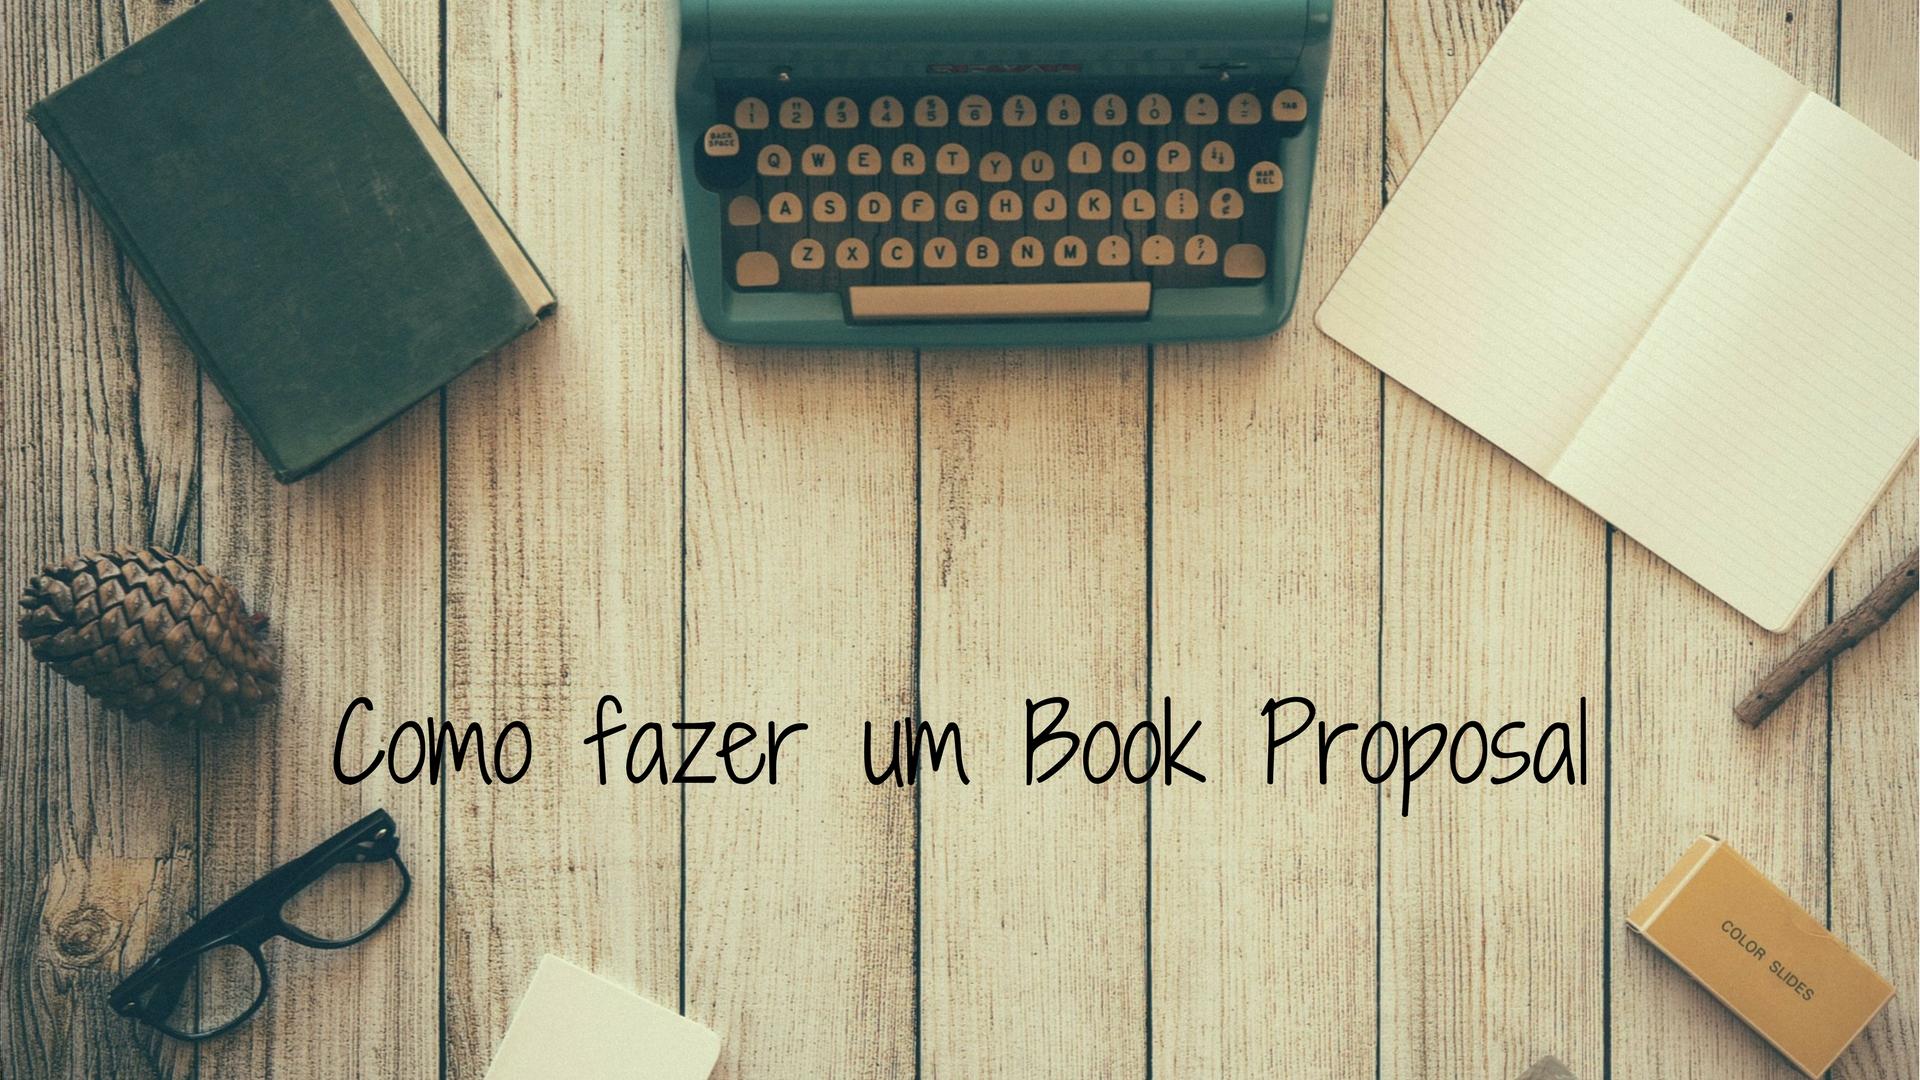 como fazer um book proposal